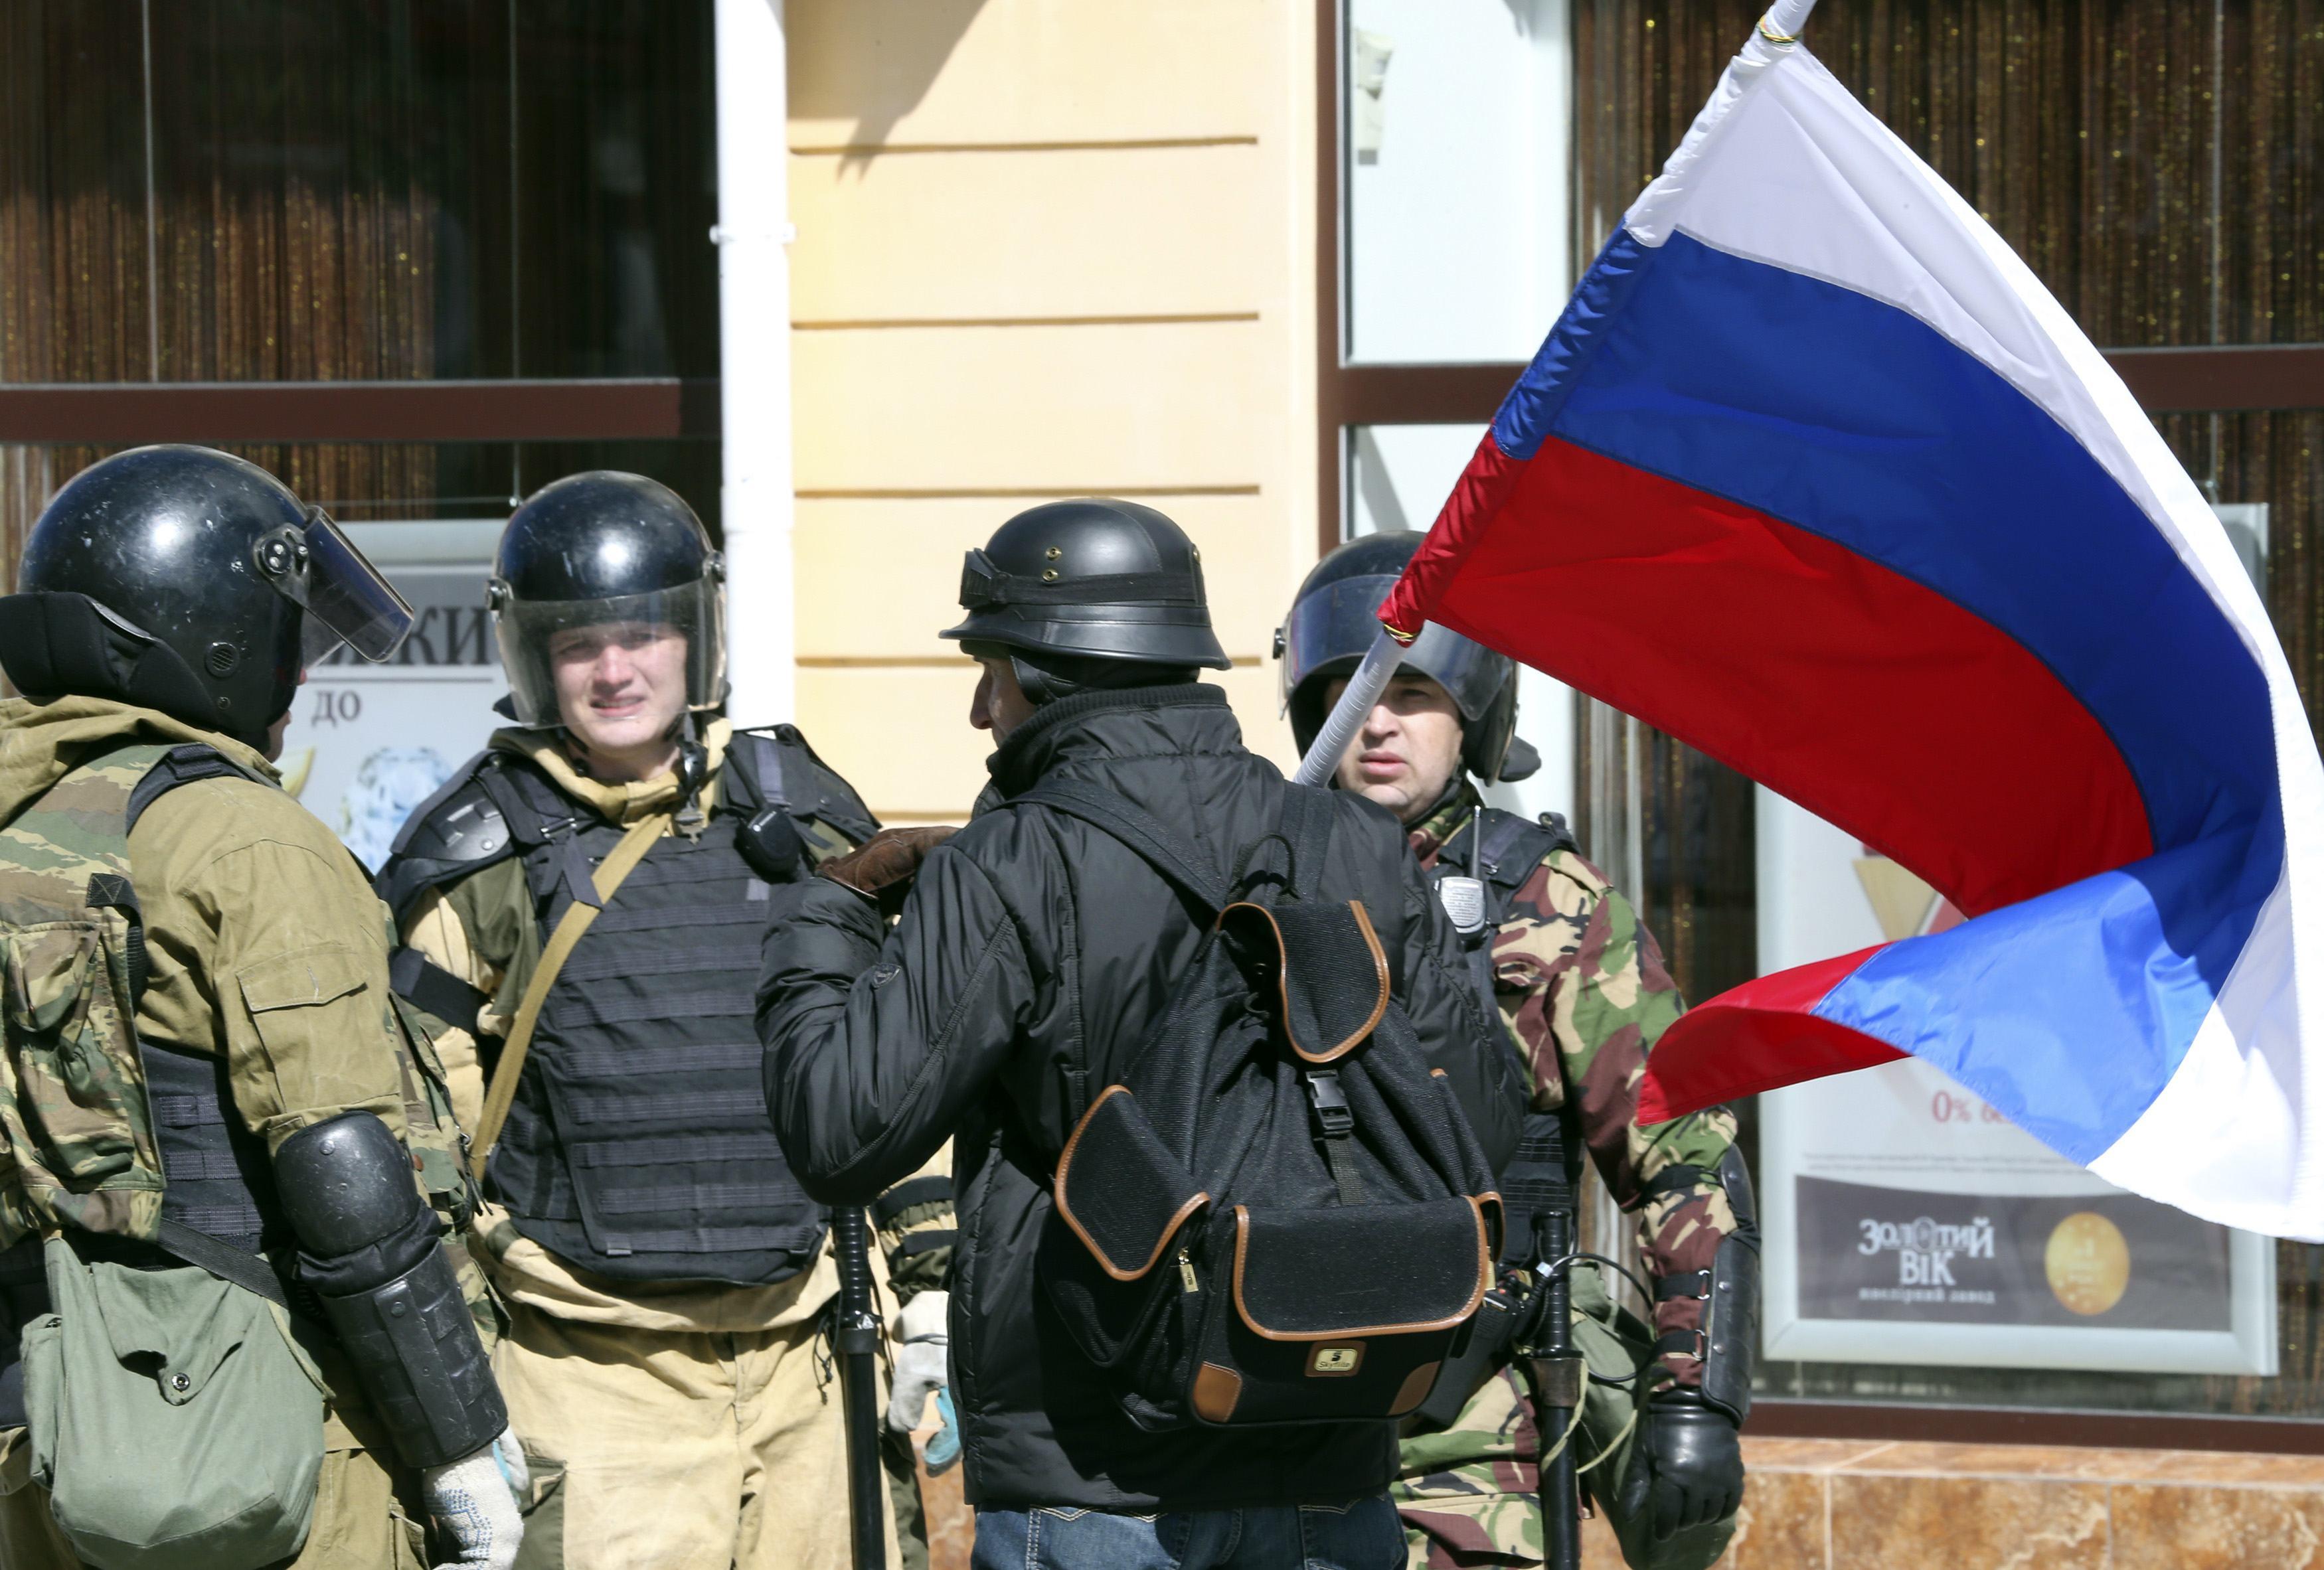 Пособники оккупантов активно помогали России захватить и контролировать Крым